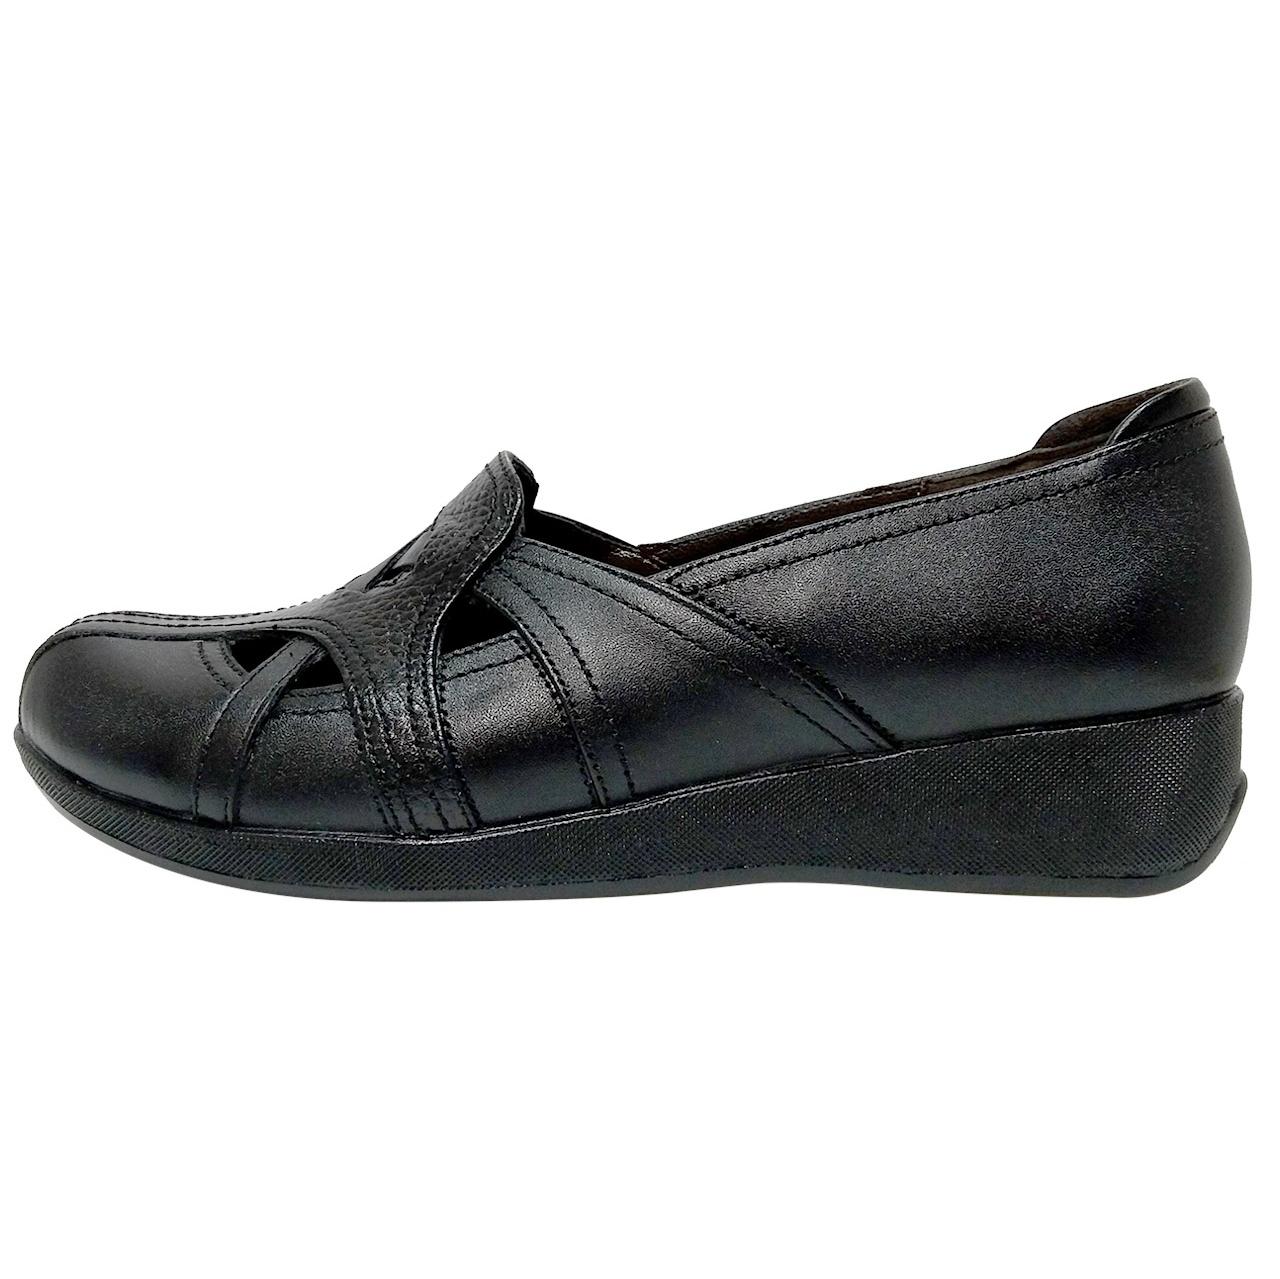 خرید                      کفش زنانه روشن مدل 10025 کد 01